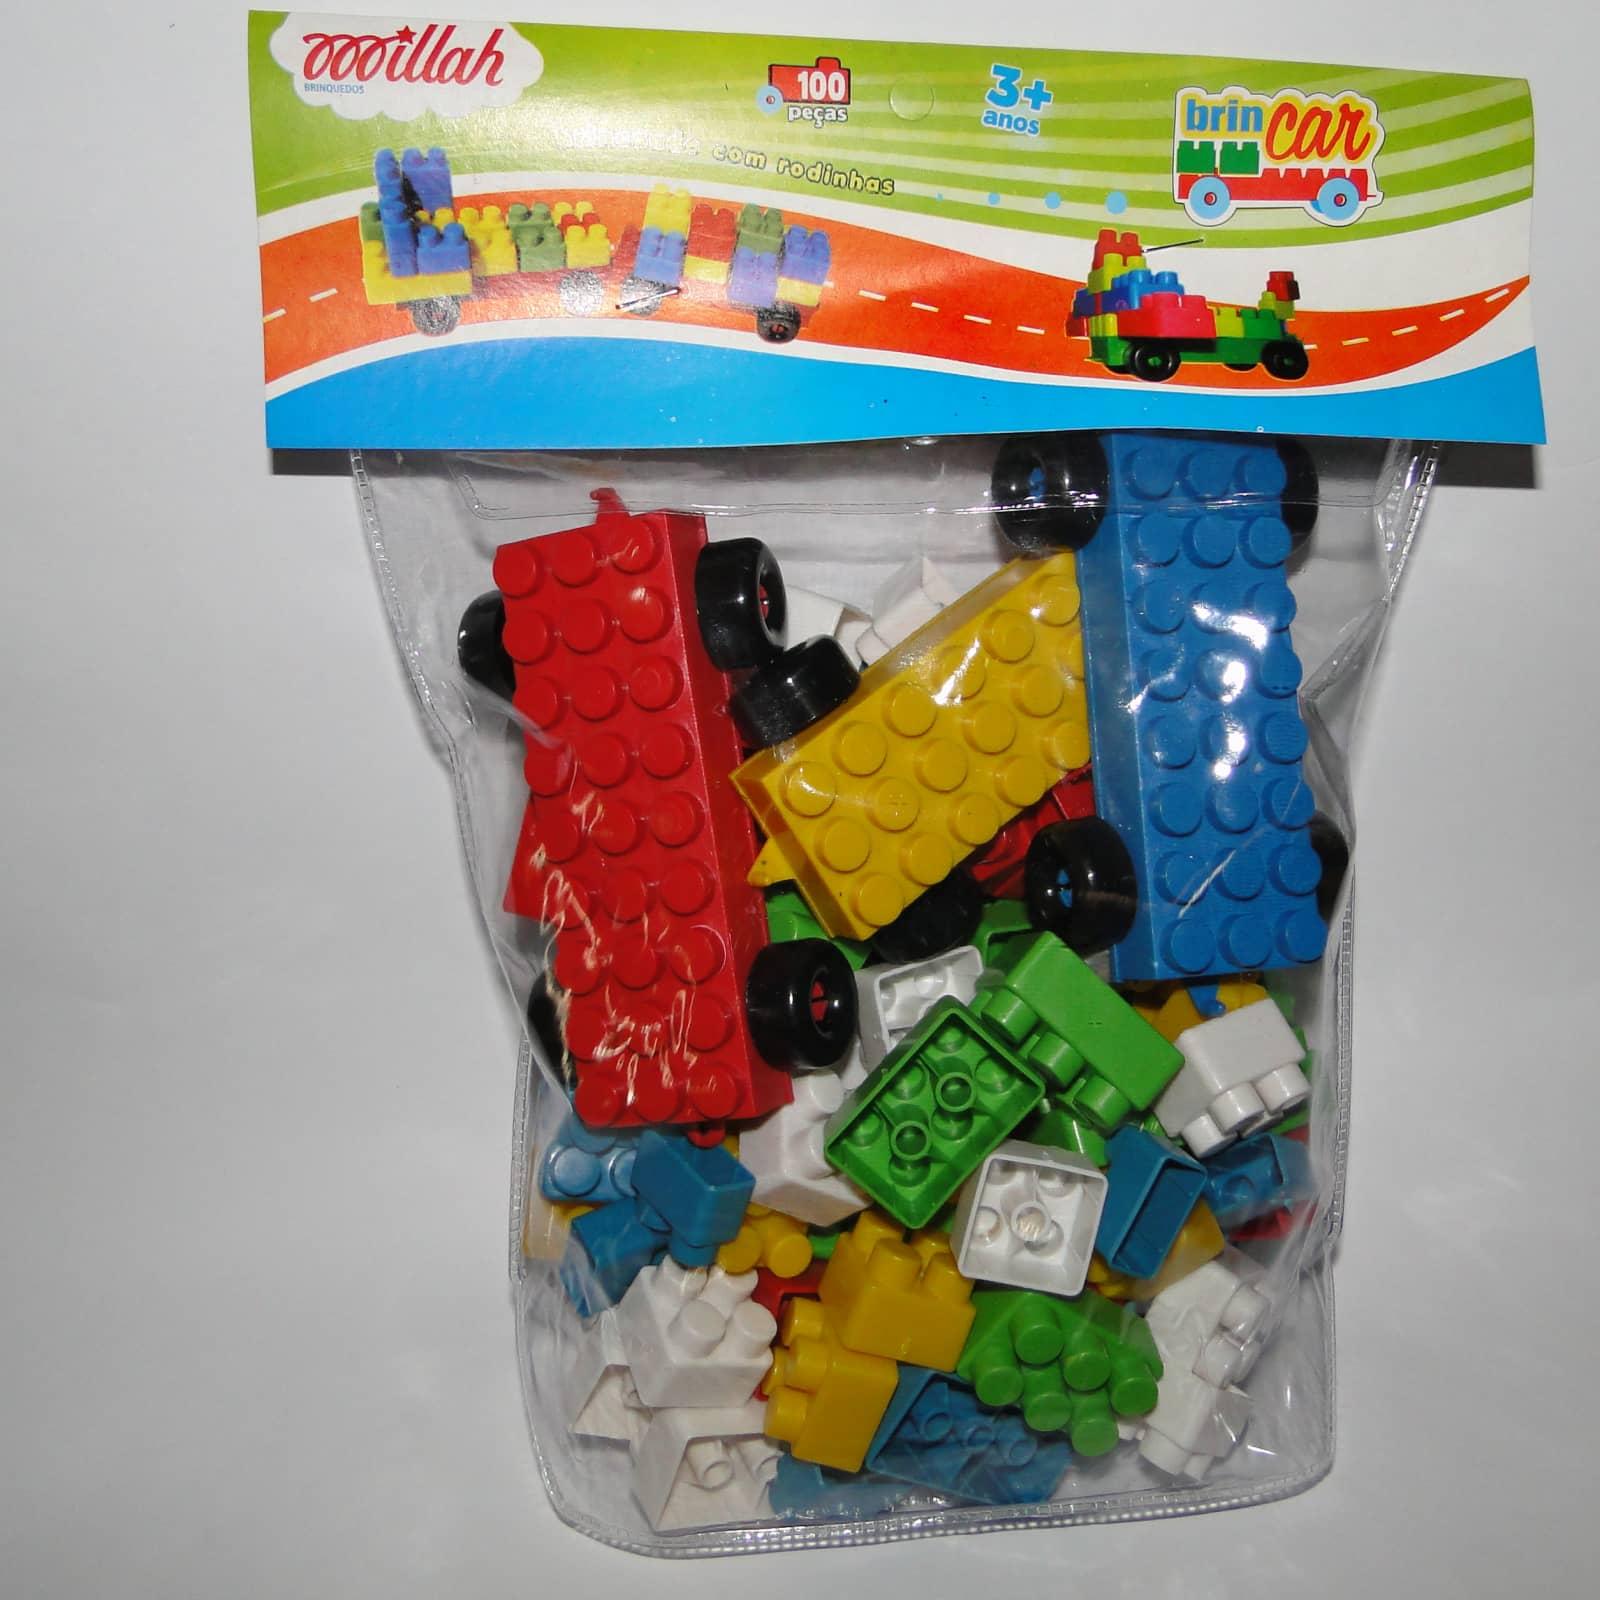 Brincar 100 peças - Ref 394